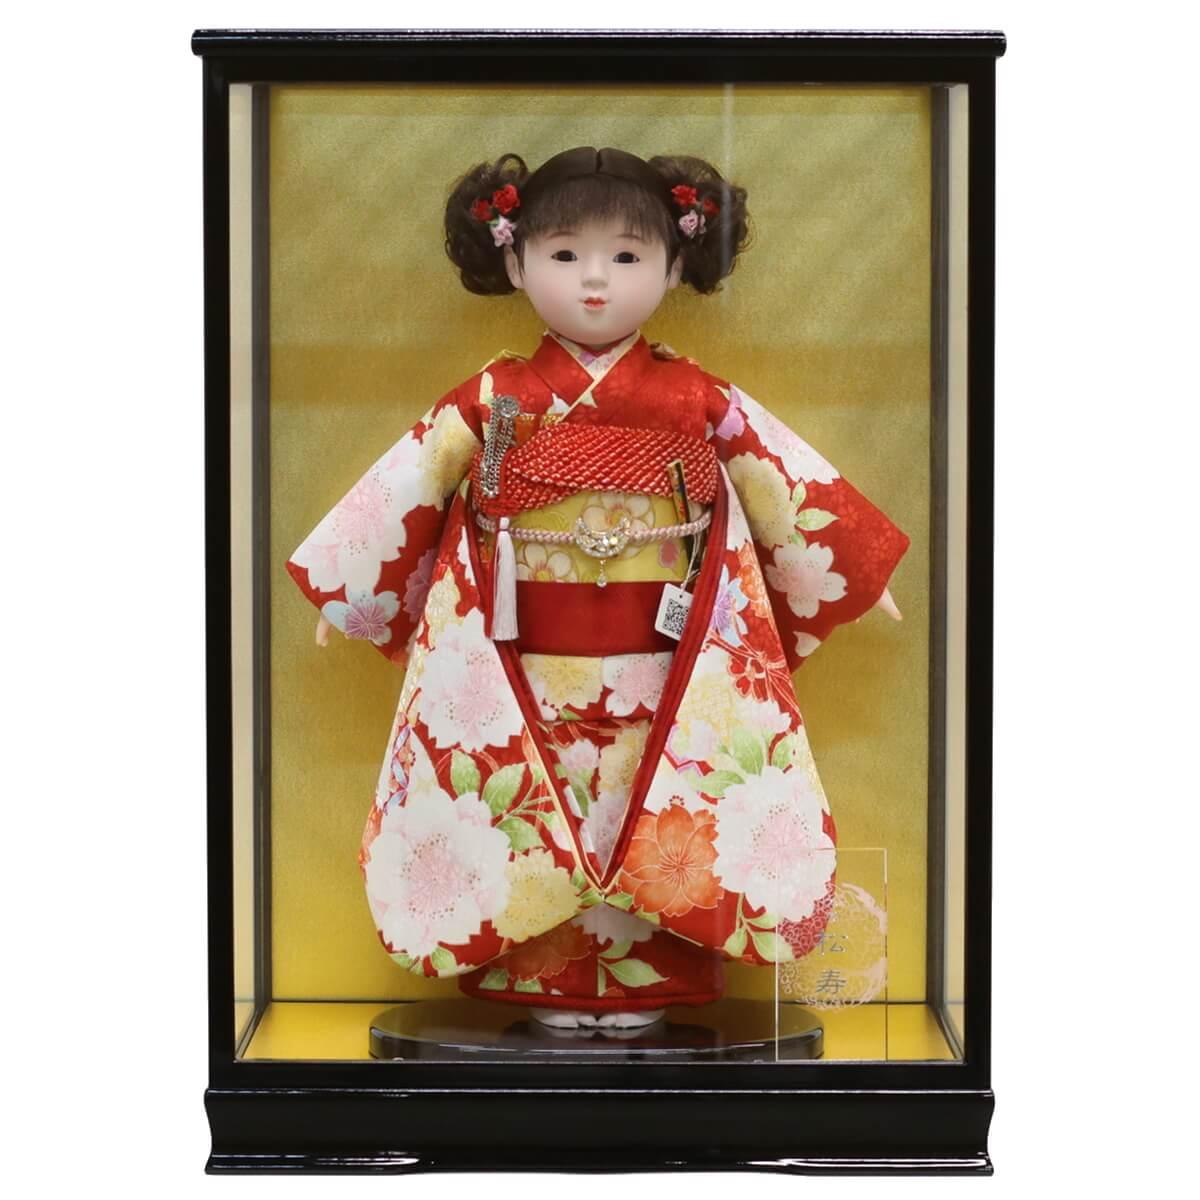 雛人形 松寿 コンパクト 市松人形 松寿作 市松人形 京友禅 桜 鞠 ケース入り (HB9) 市松 ICMY-BC26017-48G-C (HB9)ひな人形 かわいい おしゃれ インテリア ひな人形 小さい ミニ